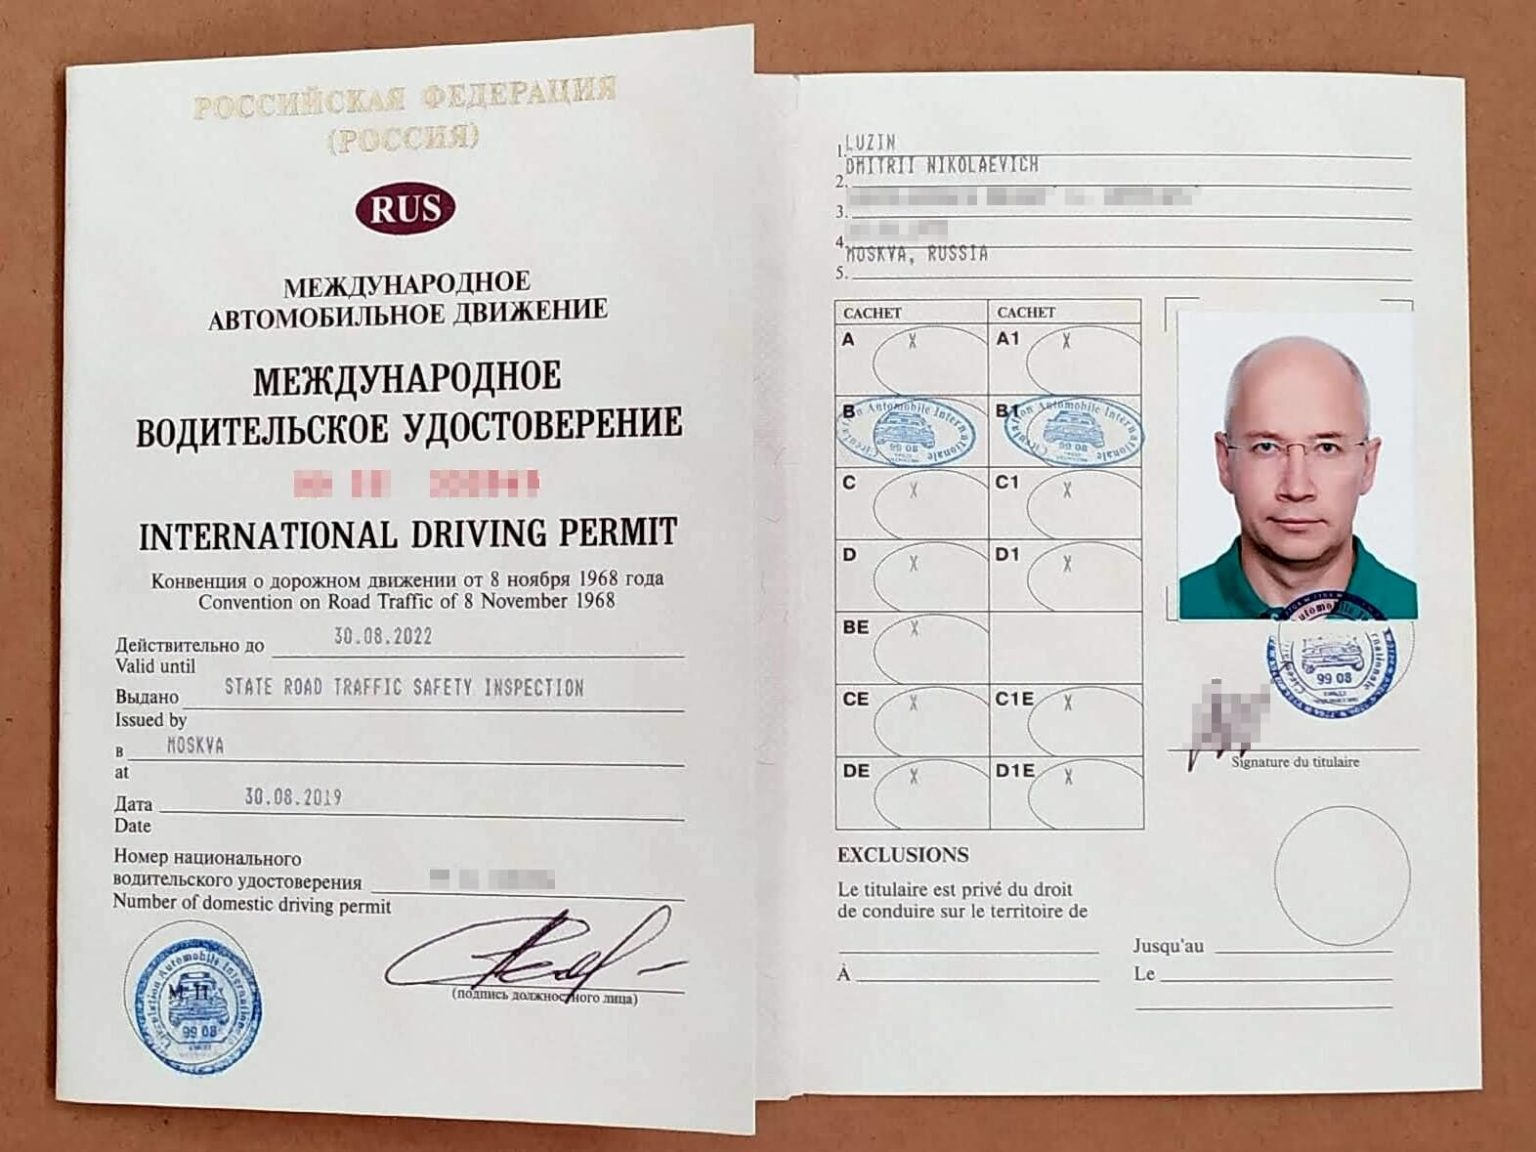 Международные водительские права: как получить, в каких странах понадобятся